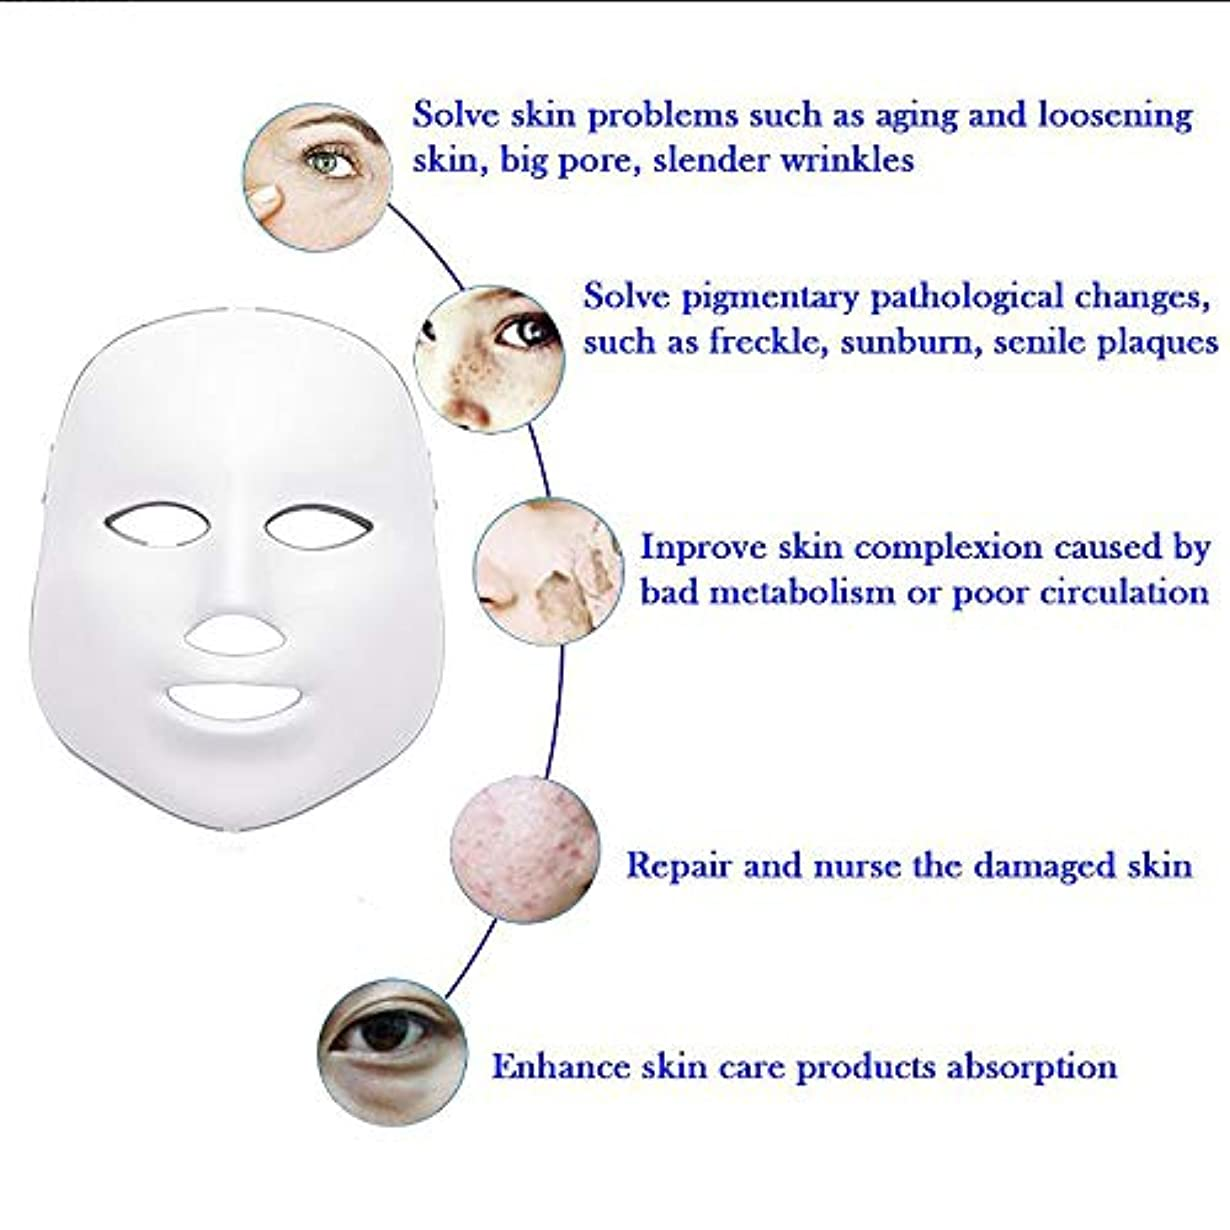 束眉弾性LEDフェイスマスク、7色フォトンブルーレッドライトスキンリジュビネーションフェイシャルスキンケアマスク、アンチエイジング、しわ、瘢痕フェイシャルスキンケアマスク